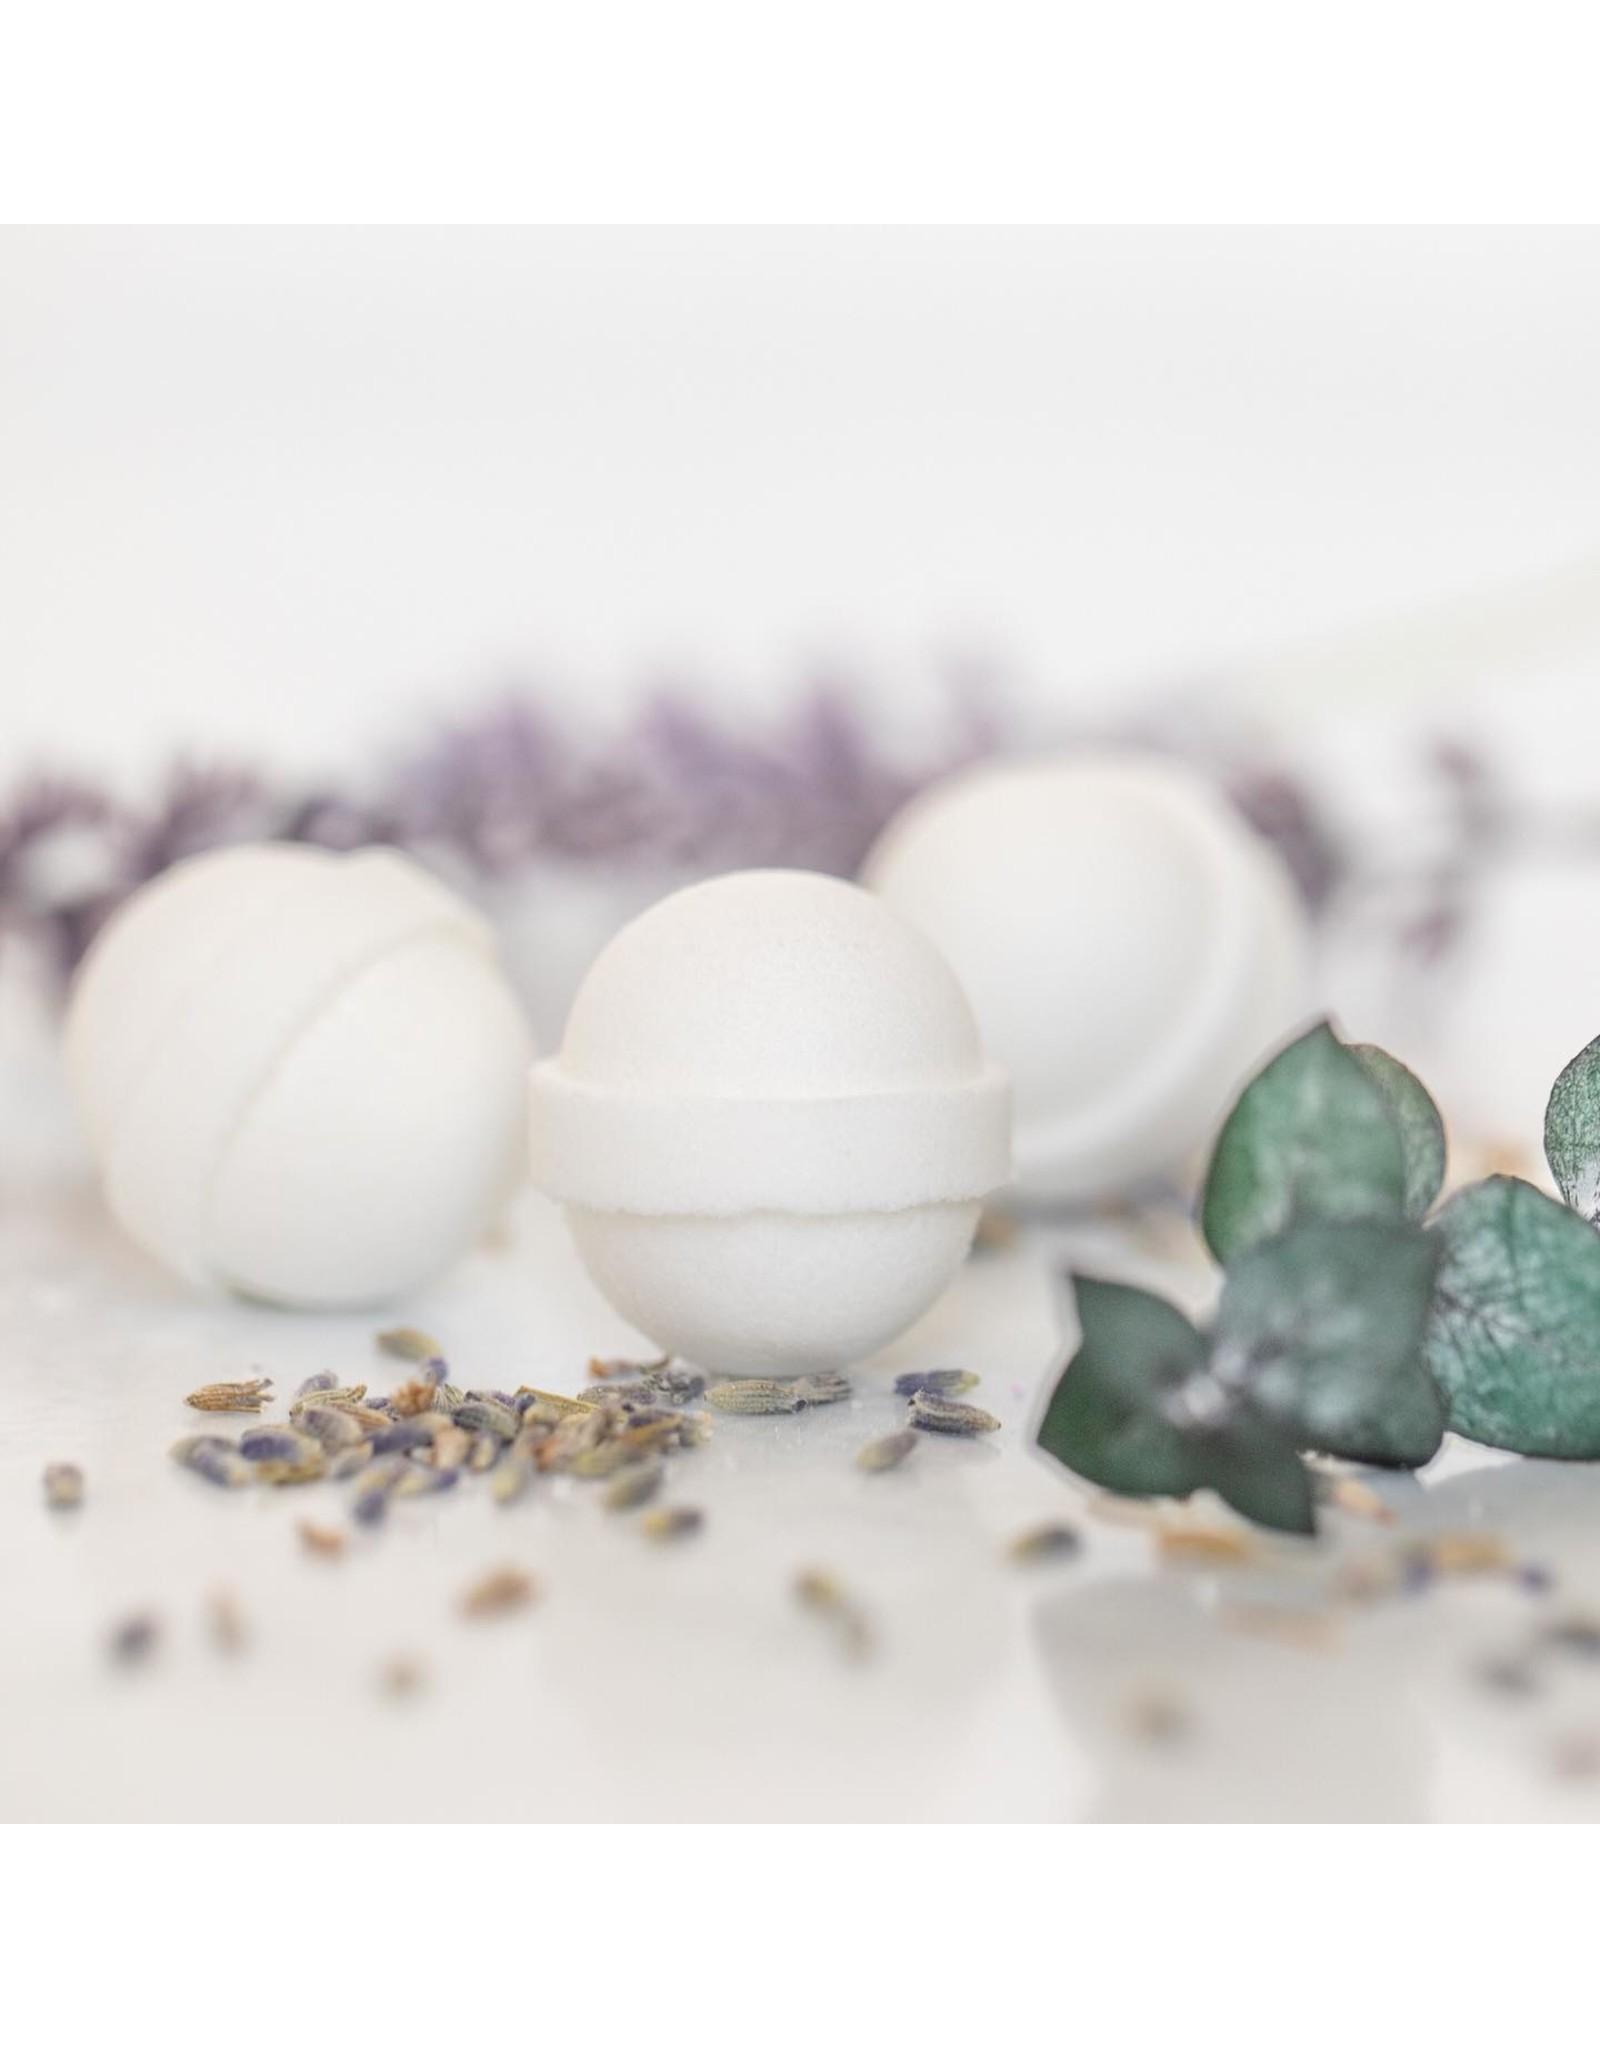 Mini Bomb The Mini Bomb - Lavender